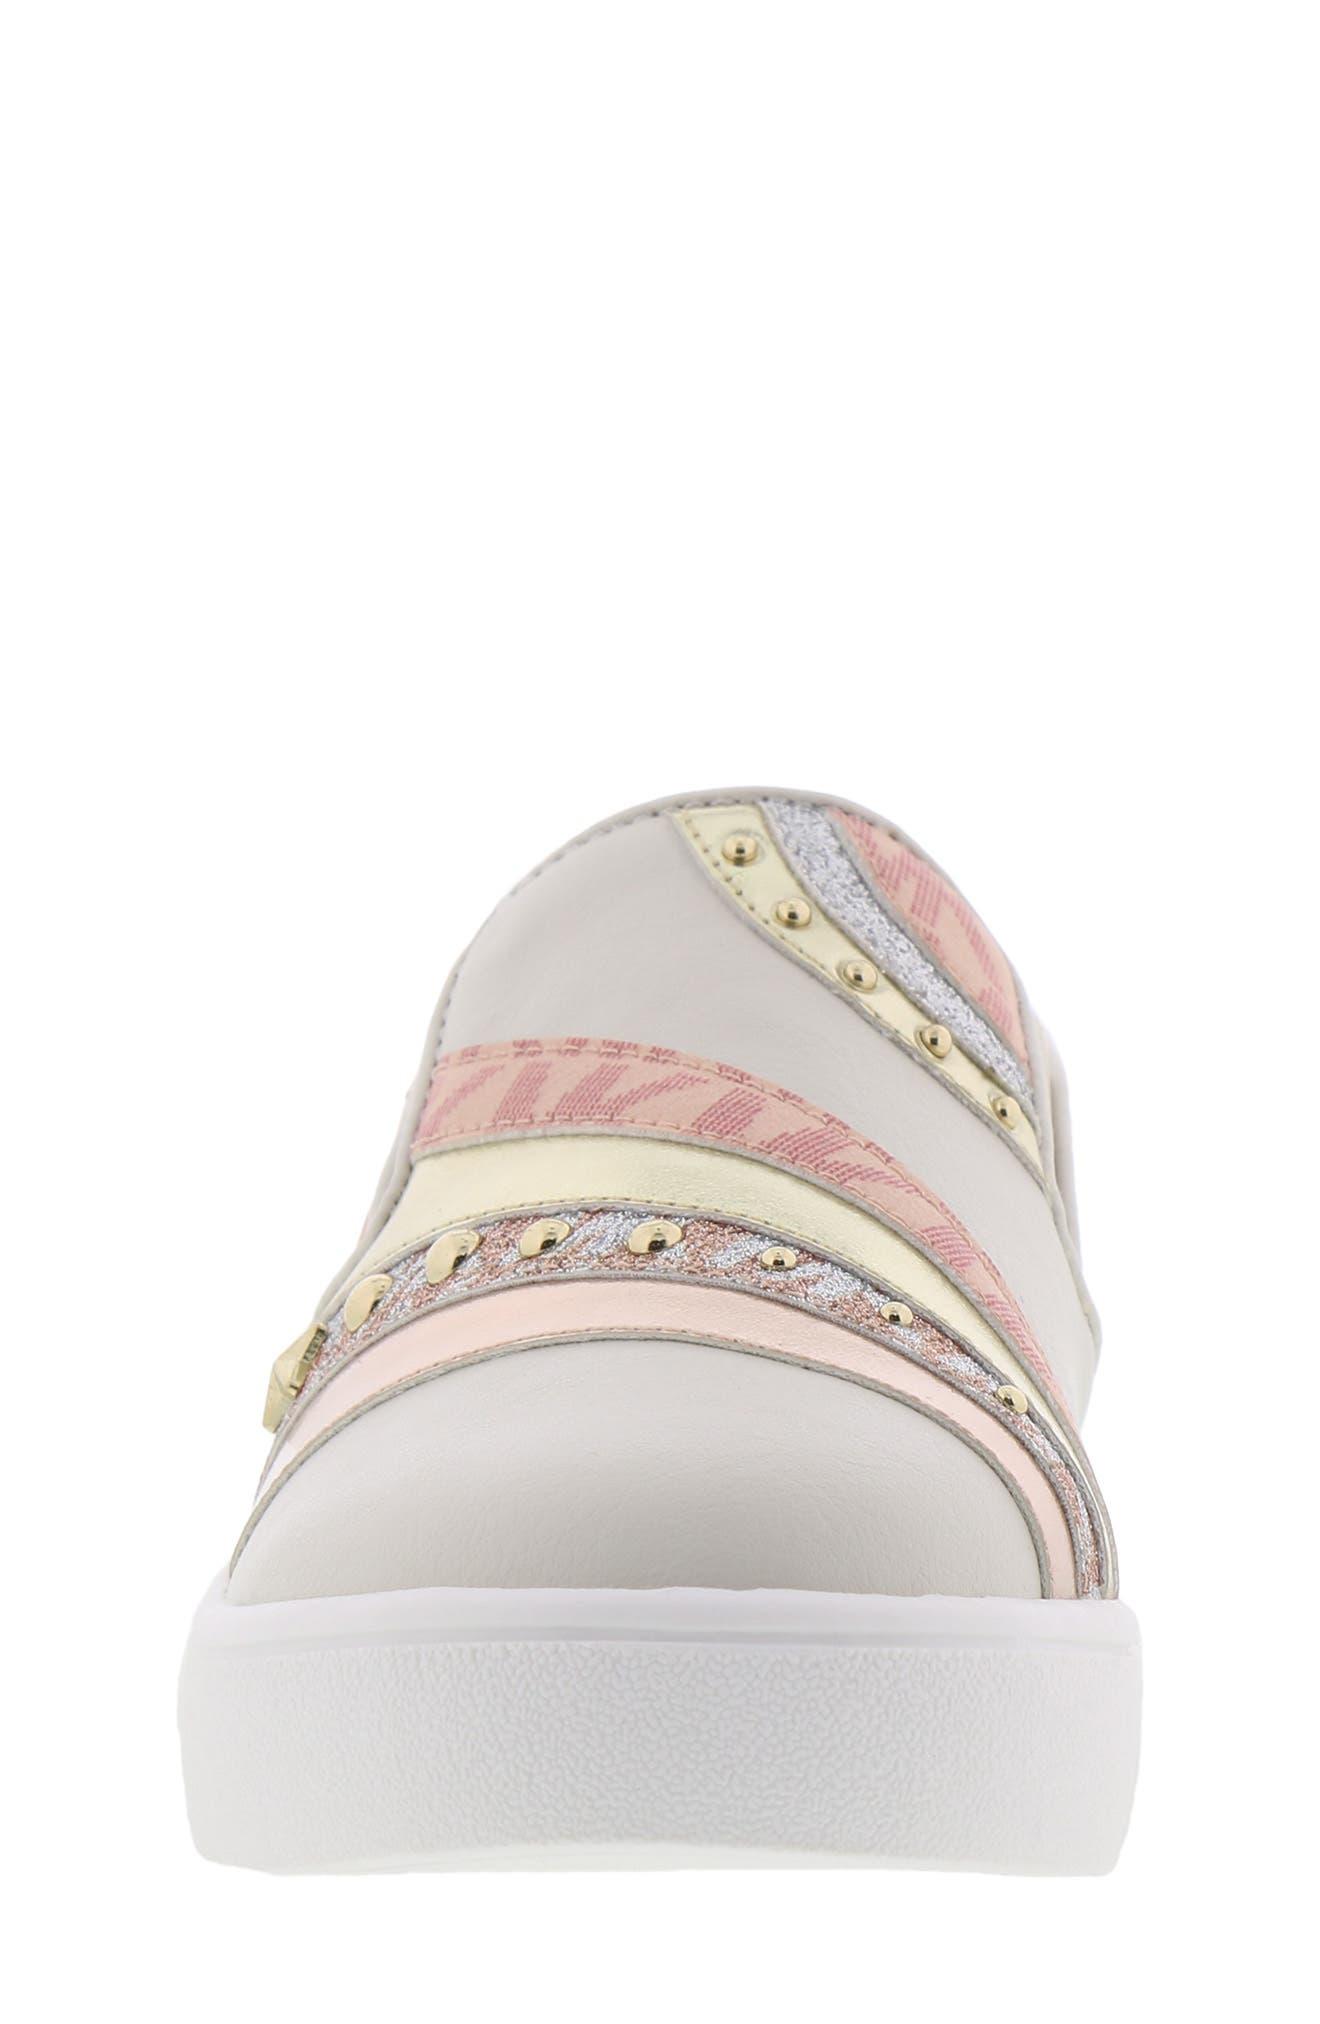 Jem Starlight Slip-On Sneaker,                             Alternate thumbnail 4, color,                             VANILLA